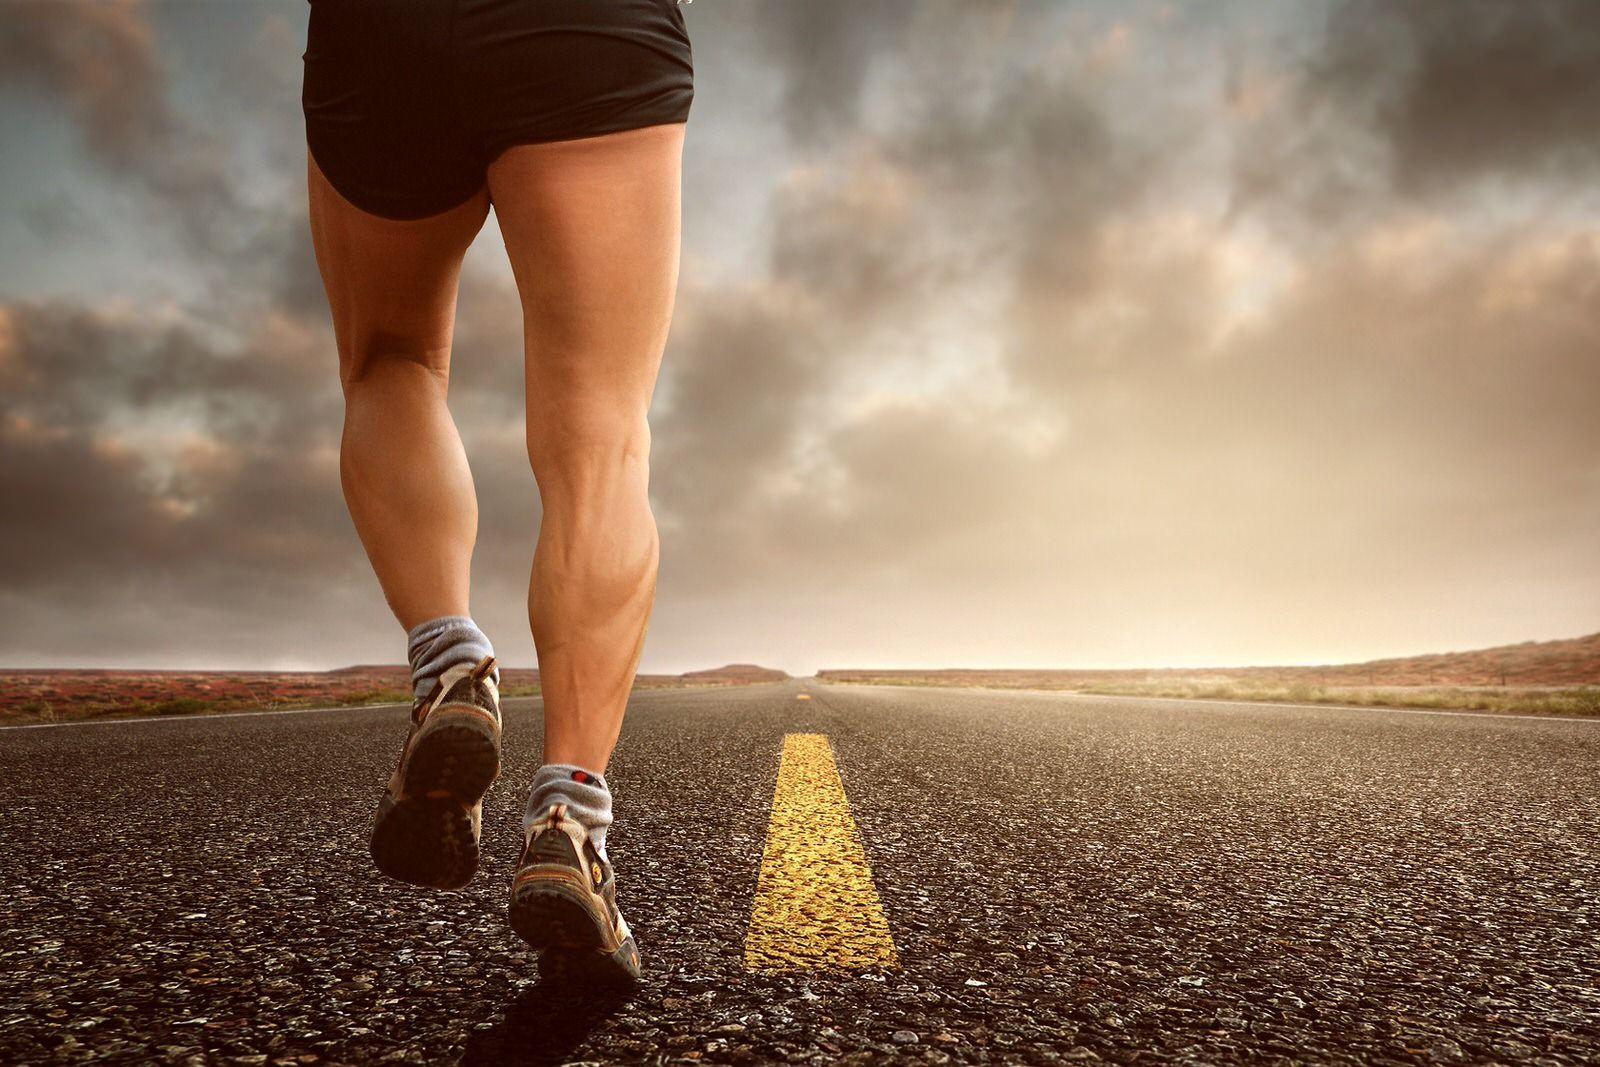 La poursuite d'objectifs se caractérise comme étant un marathon et non un sprint. Reussissez vos objectifs.